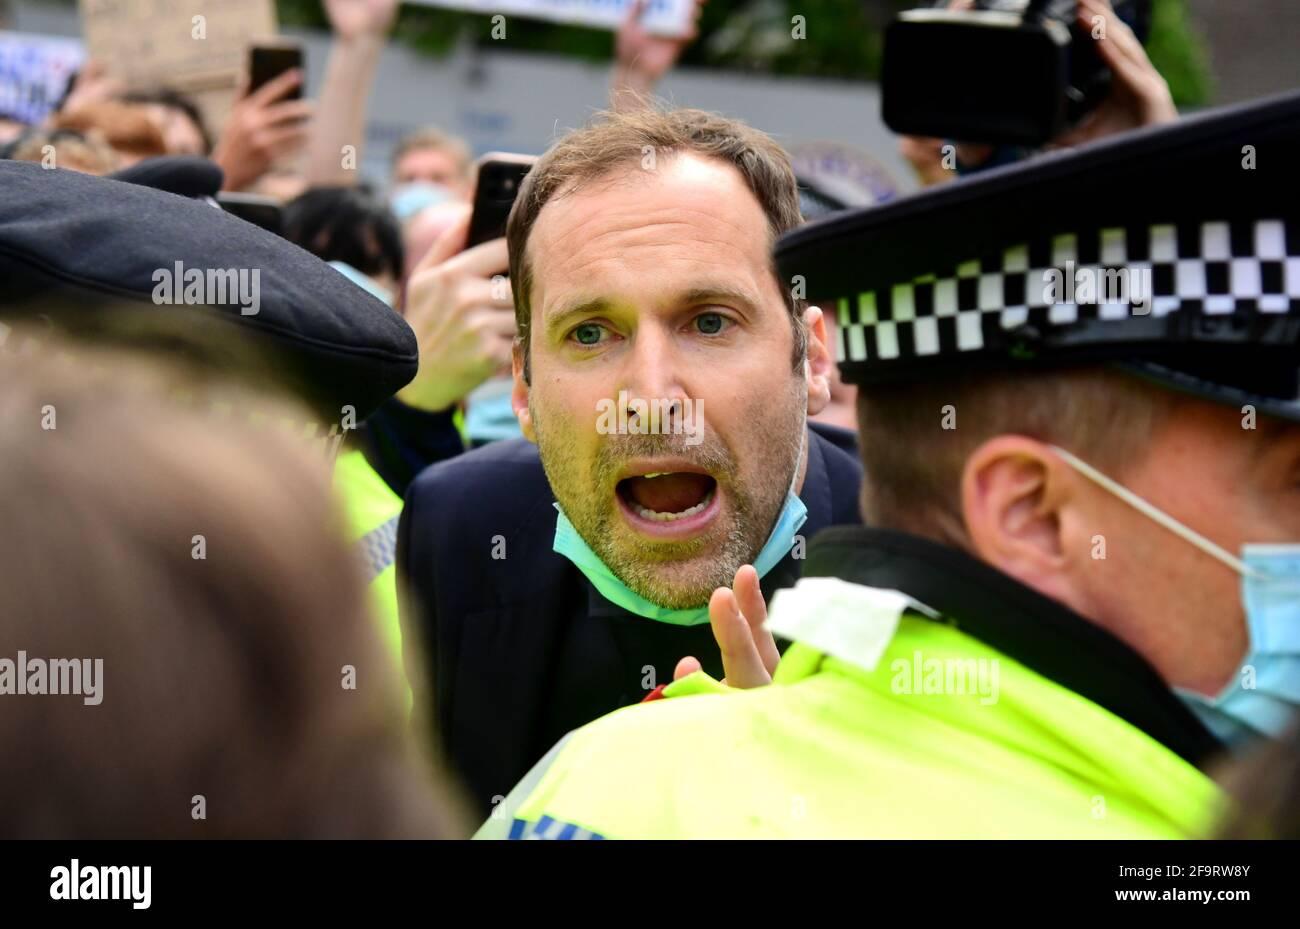 Petr Cech, el asesor técnico y de rendimiento de Chelsea, intenta hablar con los fans mientras se produce una protesta contra la participación de Chelsea en la nueva SuperLiga Europea fuera de Stamford Bridge, Londres. Fecha de la foto: Martes 20 de abril de 2021. Foto de stock